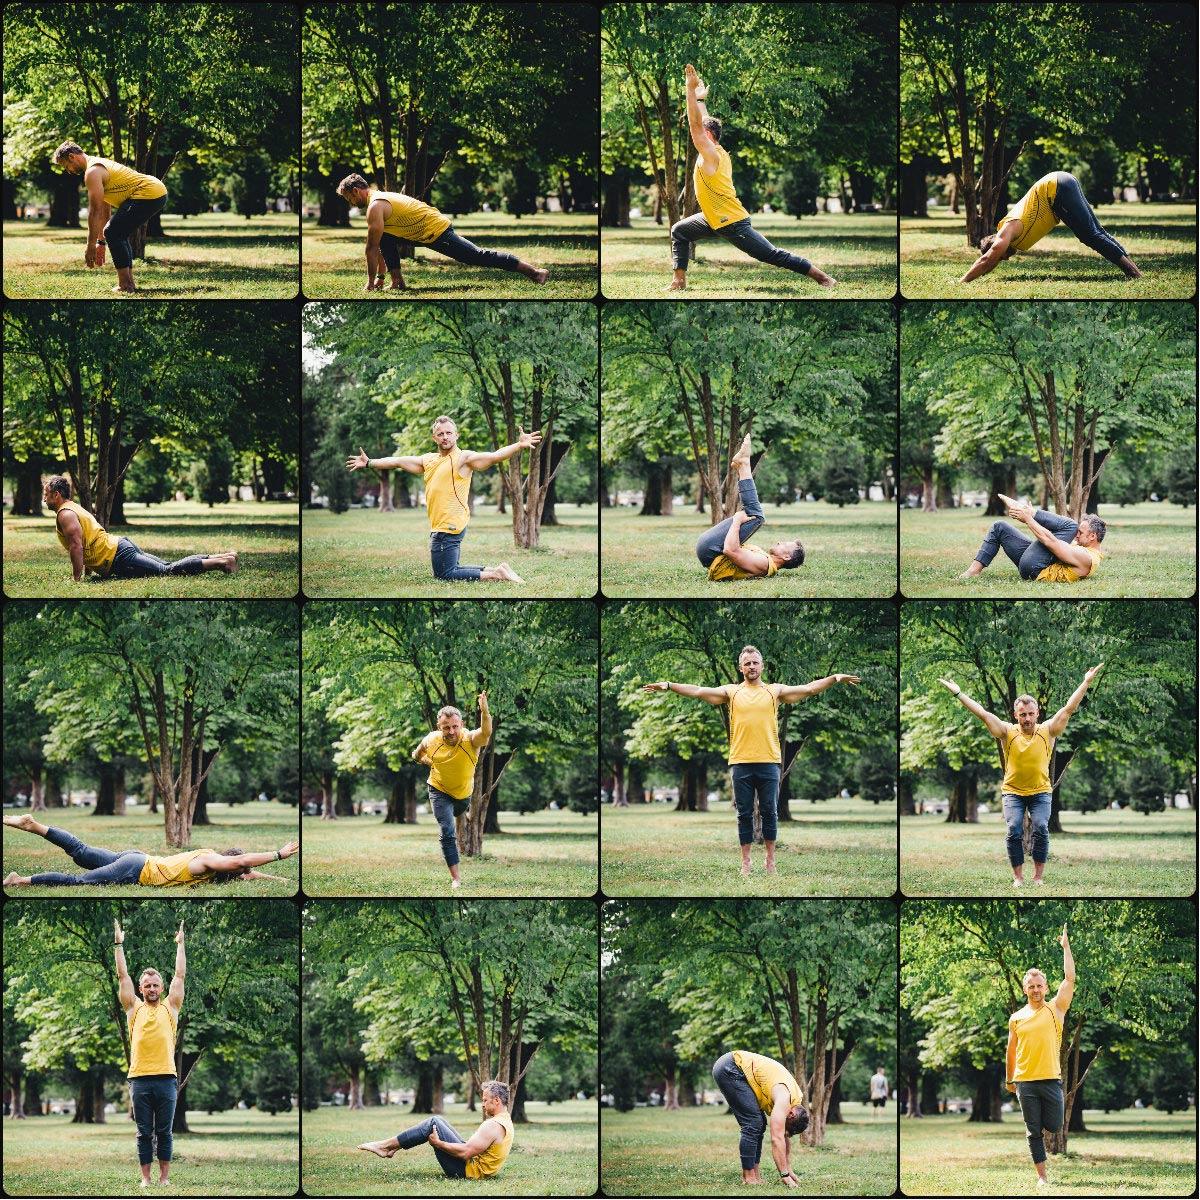 Različne vaje Fusion Balance v parku